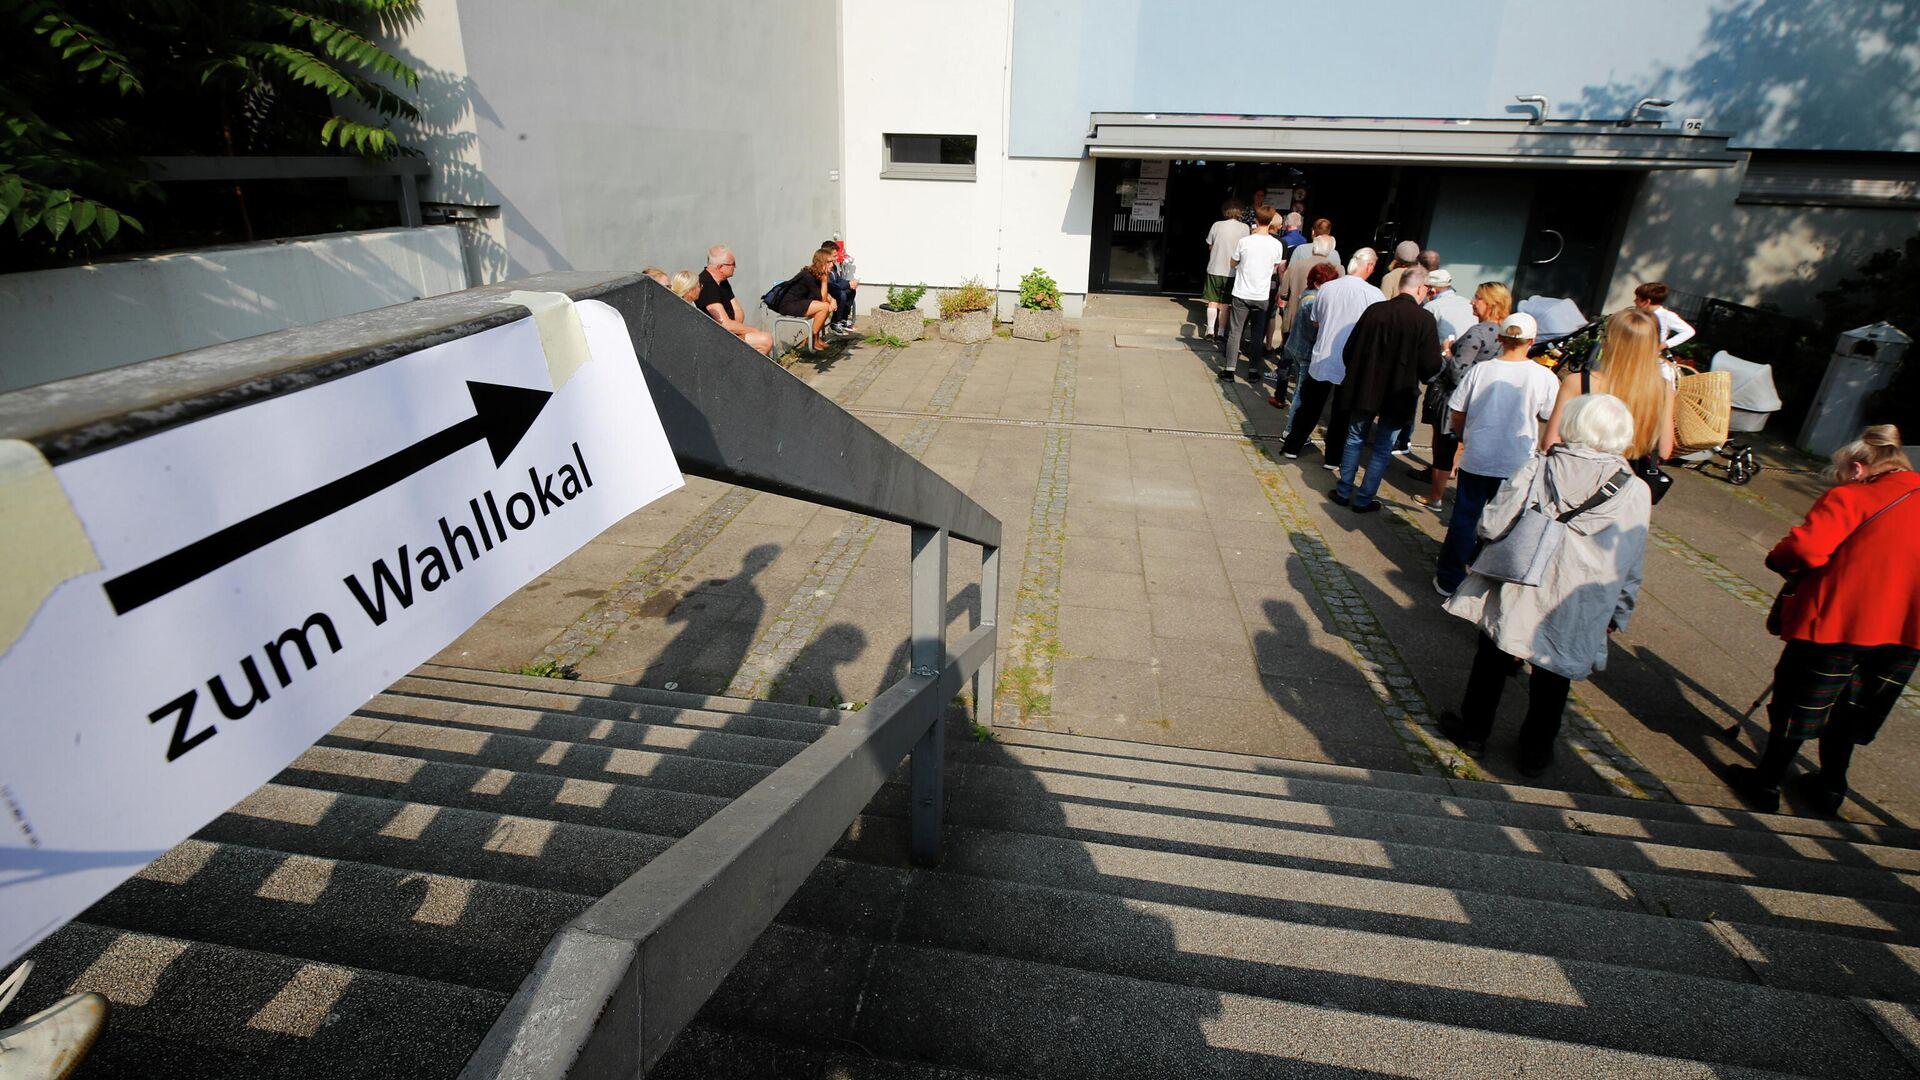 Избиратели стоят в очереди, что проголосовать на парламентских выборах в Германии - РИА Новости, 1920, 26.09.2021